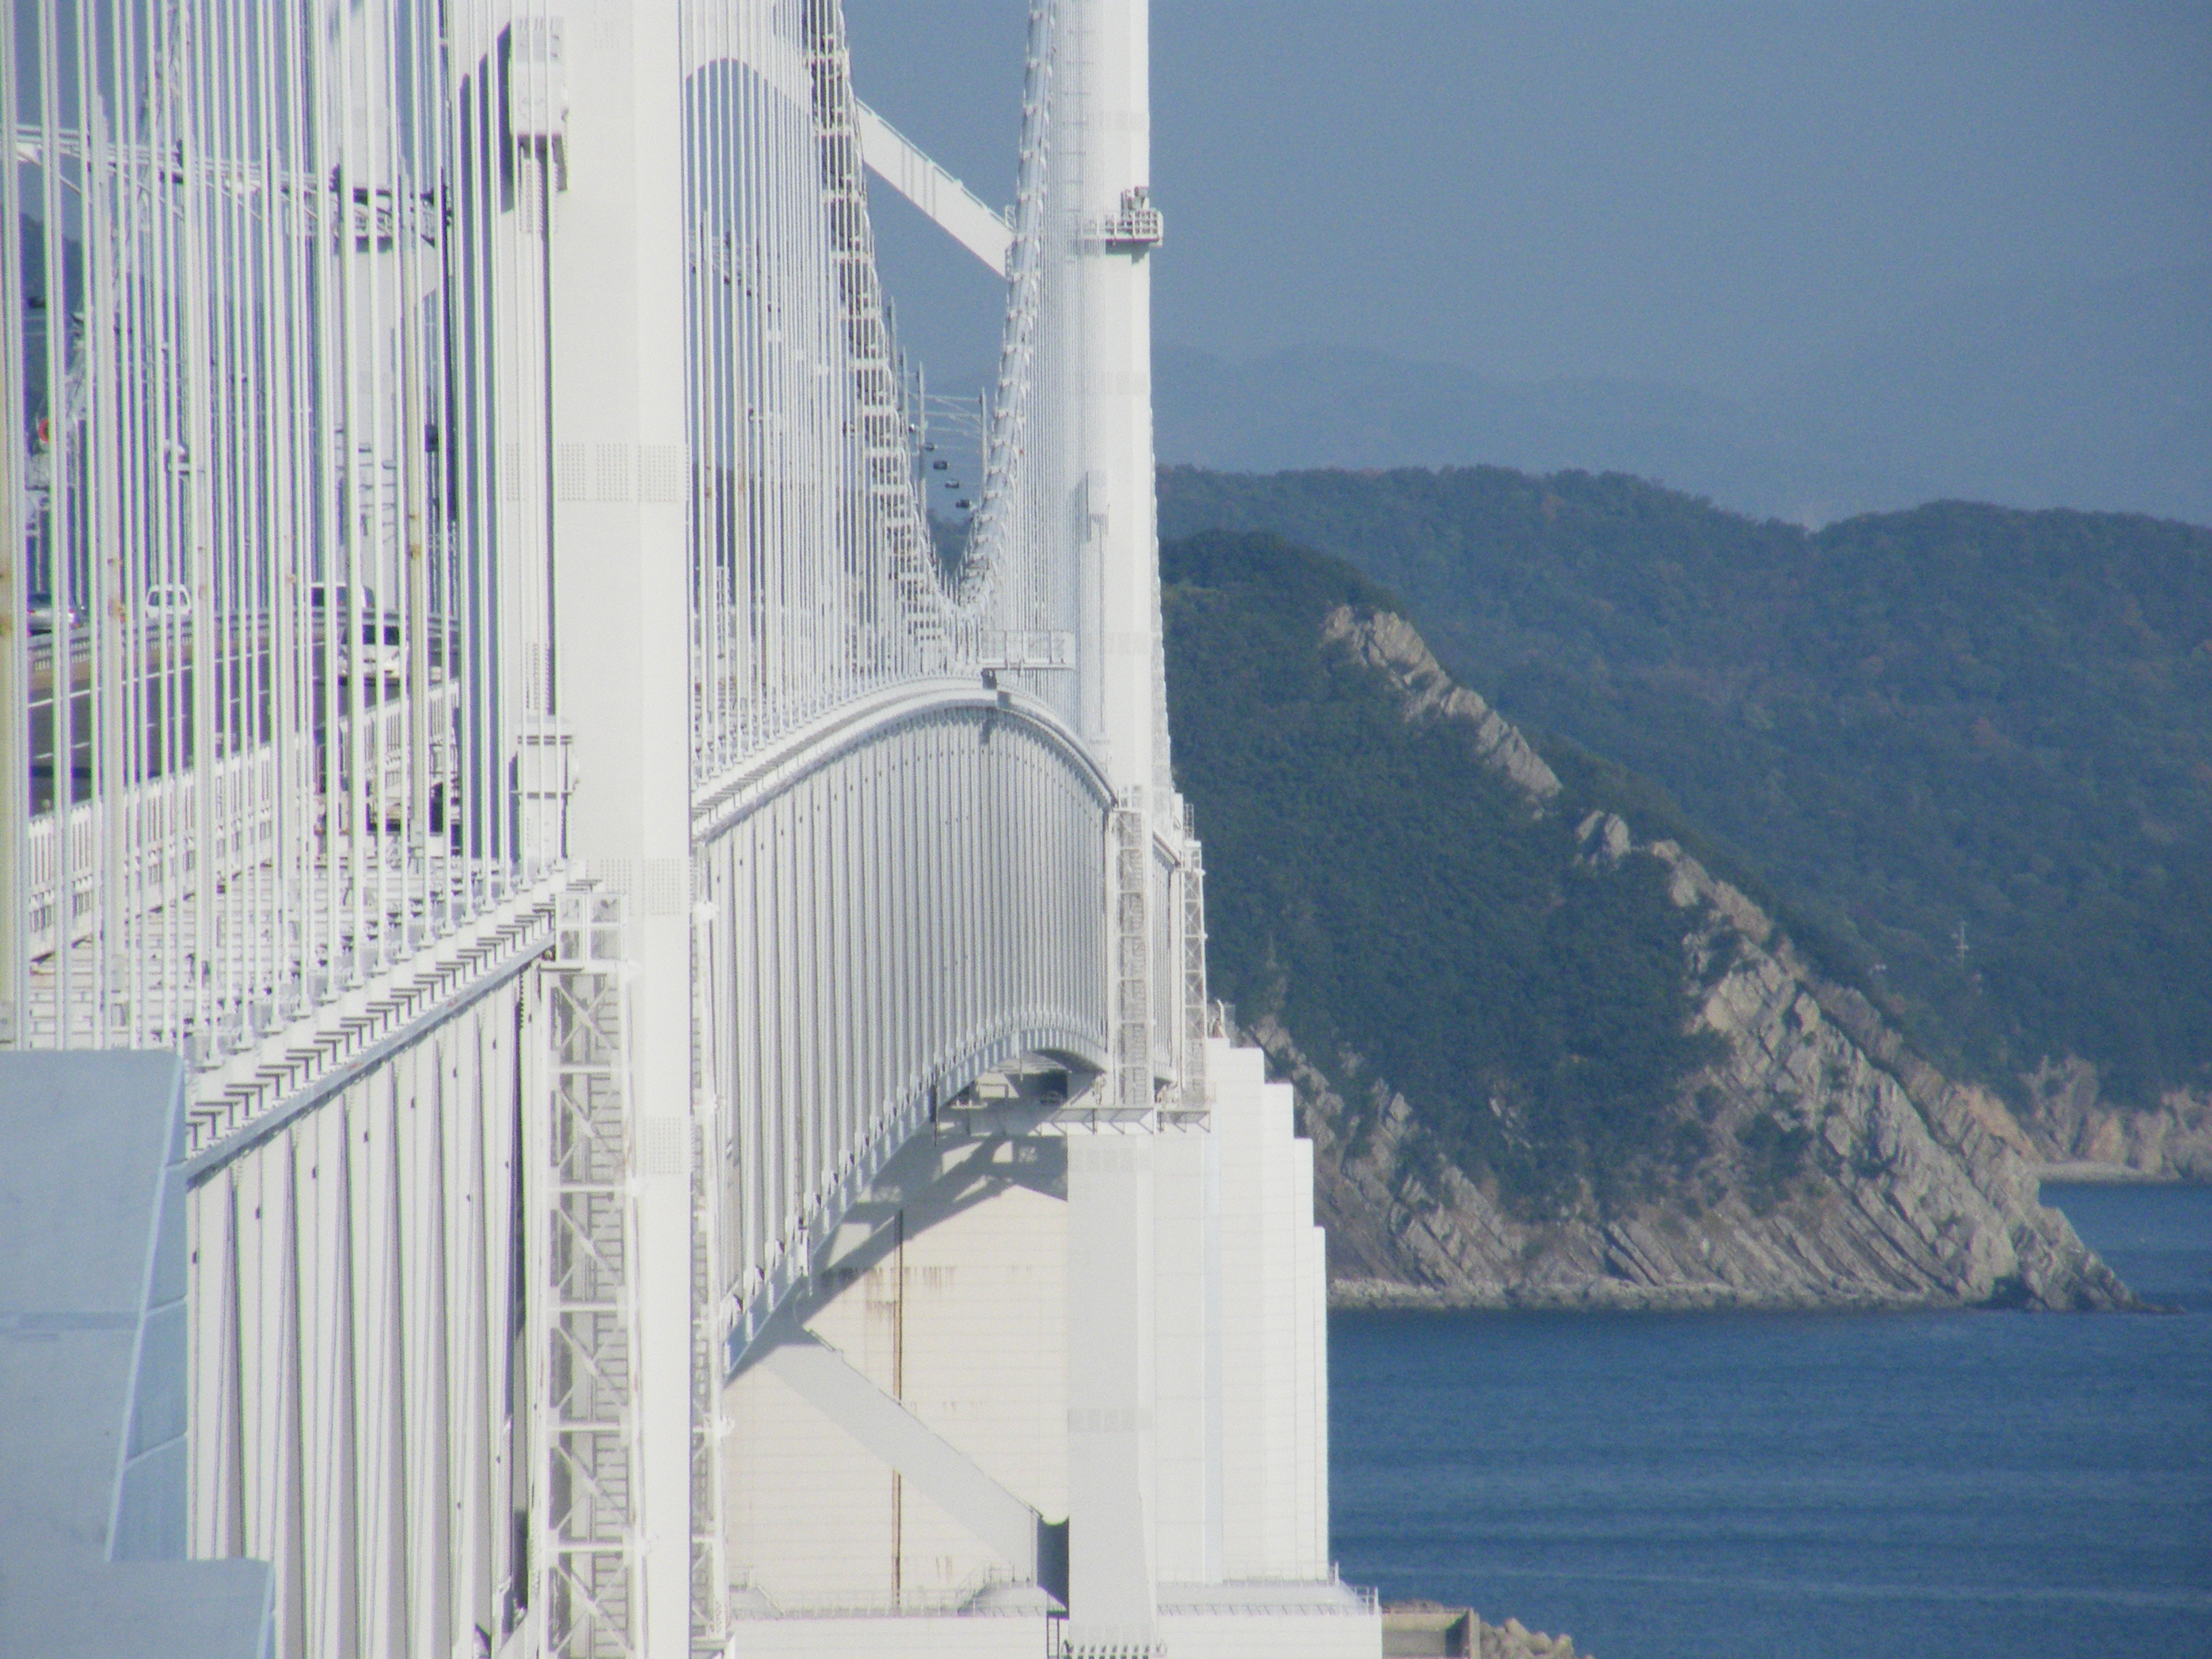 i ponti sospesi sono fatti ad arco...